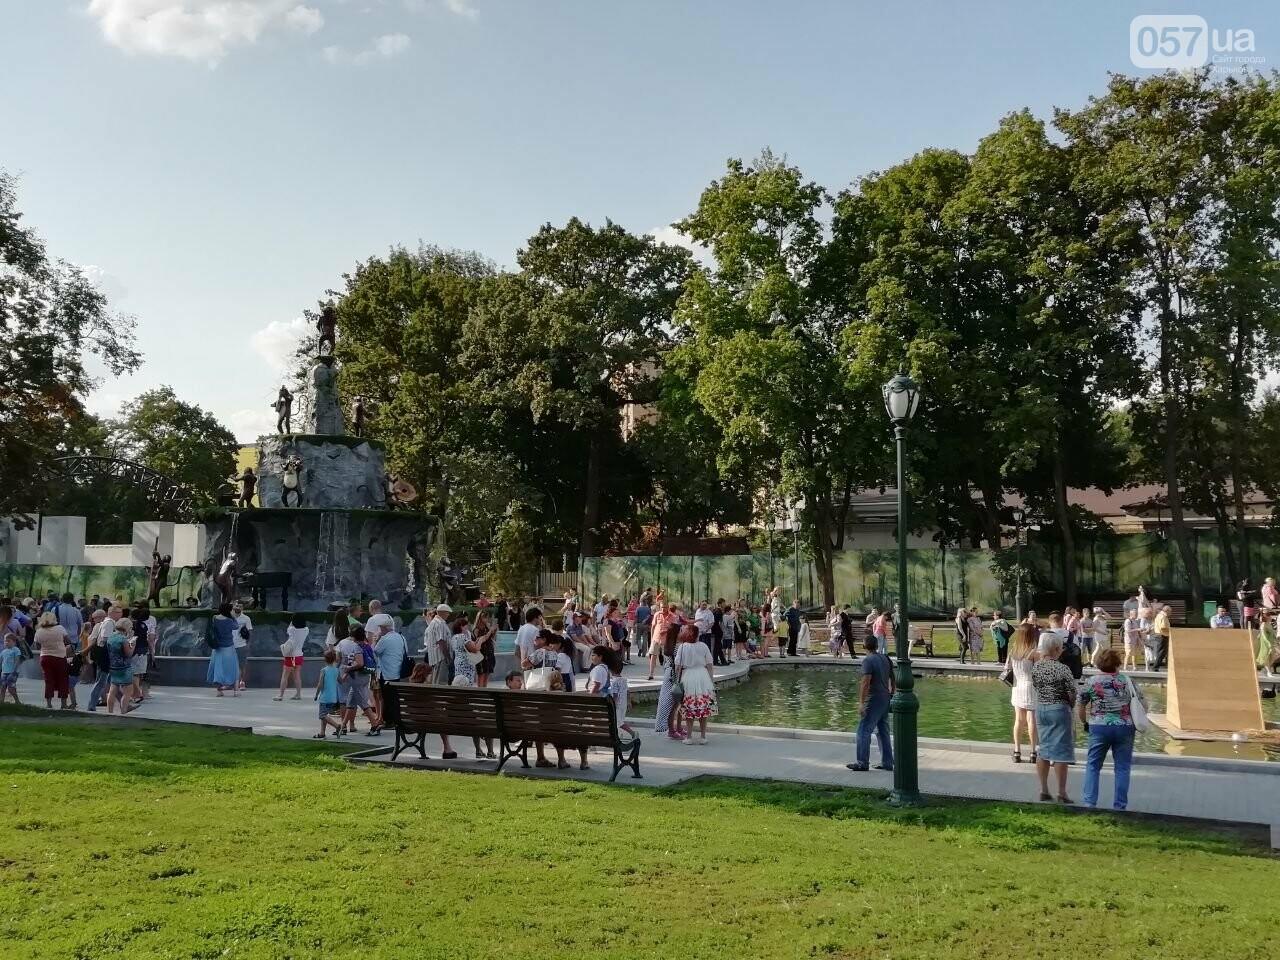 В центре Харькова появился новый фонтан и «Каскад» после реконструкции, - ФОТО, фото-6